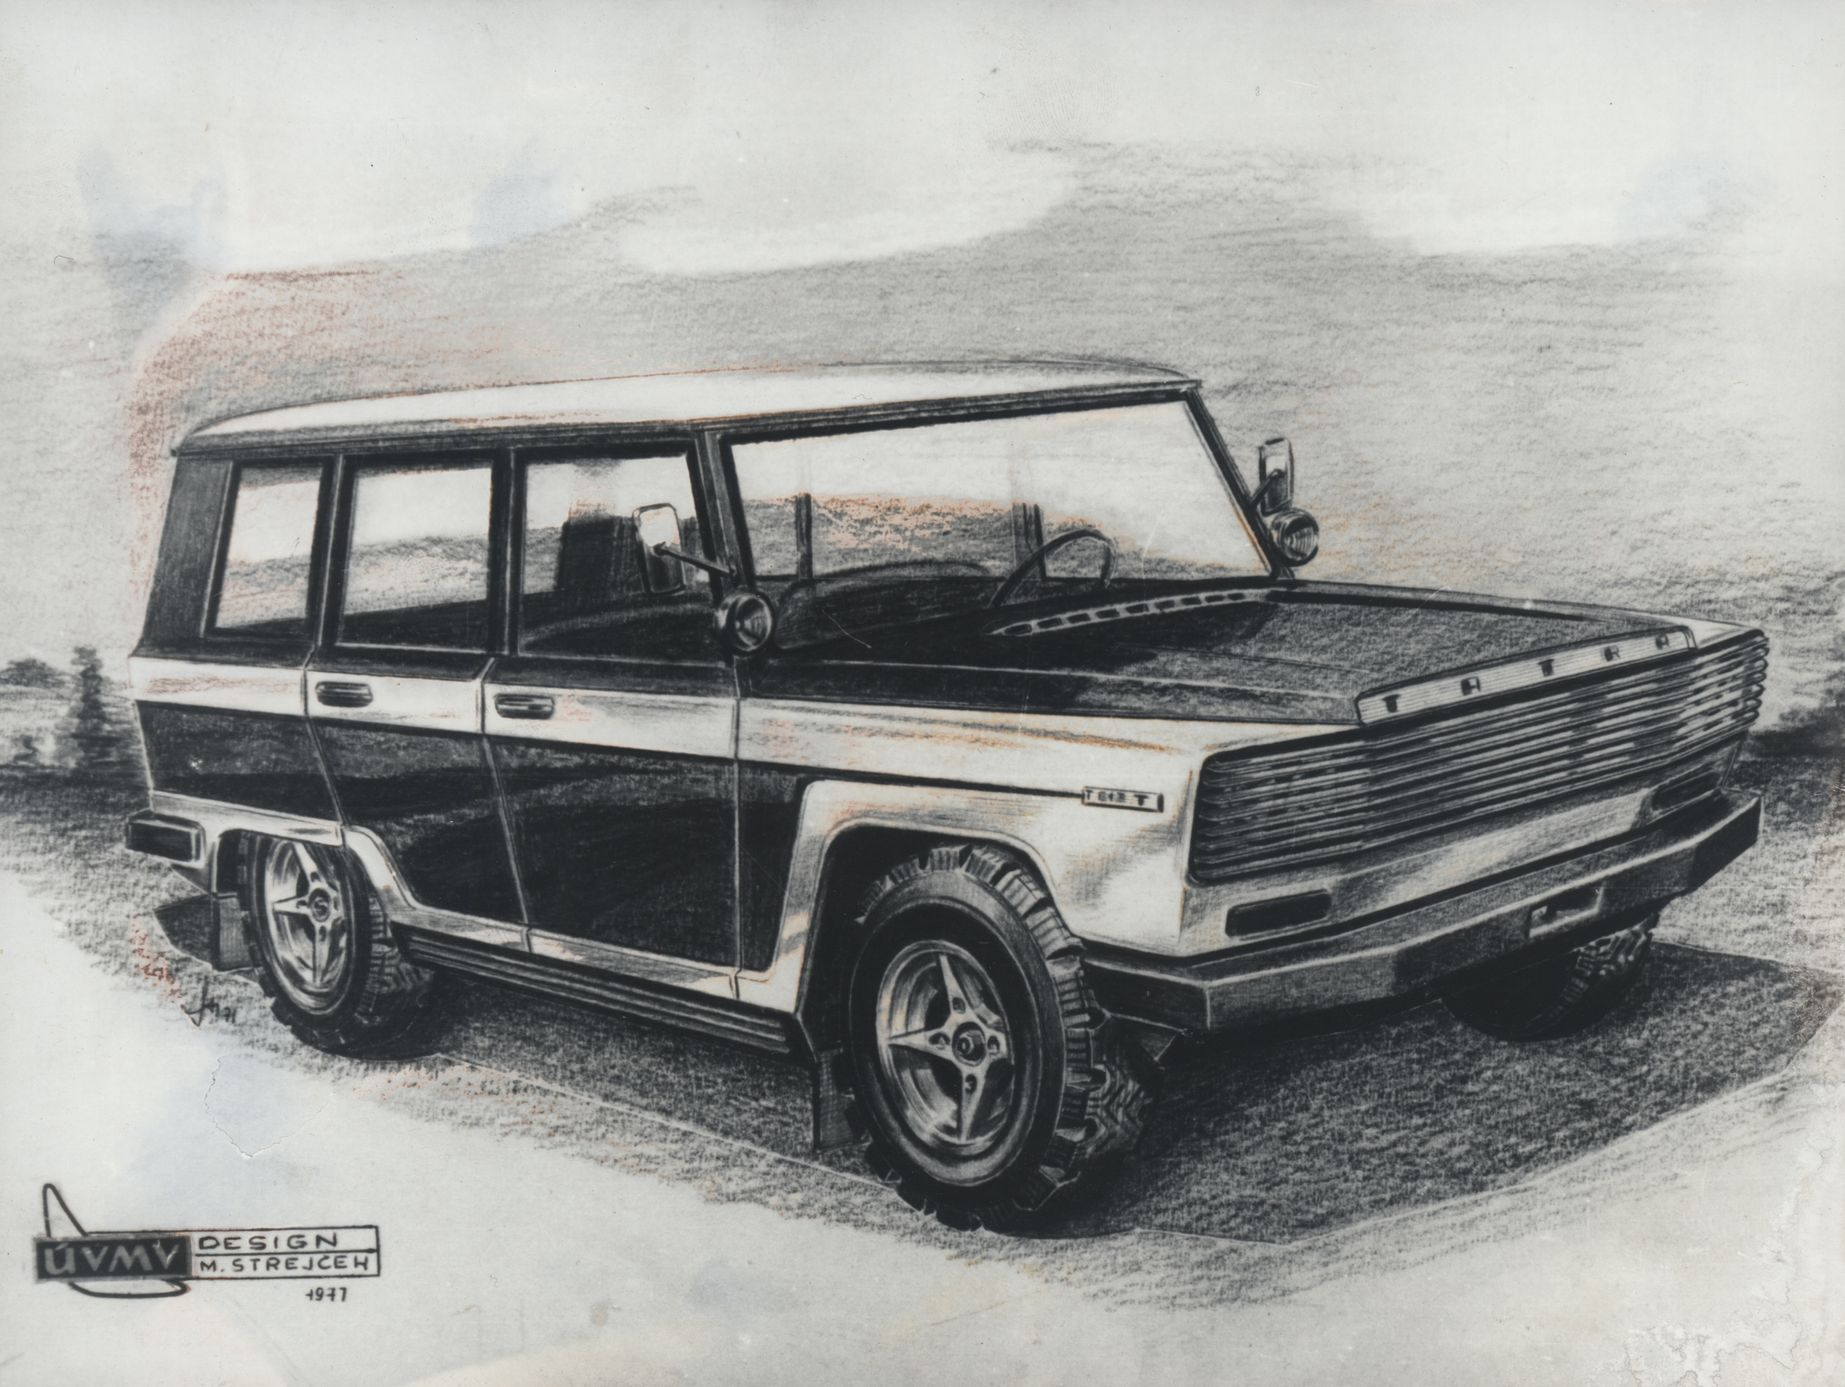 7e98349ede9 Škoda Kodiaq nemusela být první velké SUV z Česka. V sedmdesátých letech ho  zvažovala Tatra - Aktuálně.cz